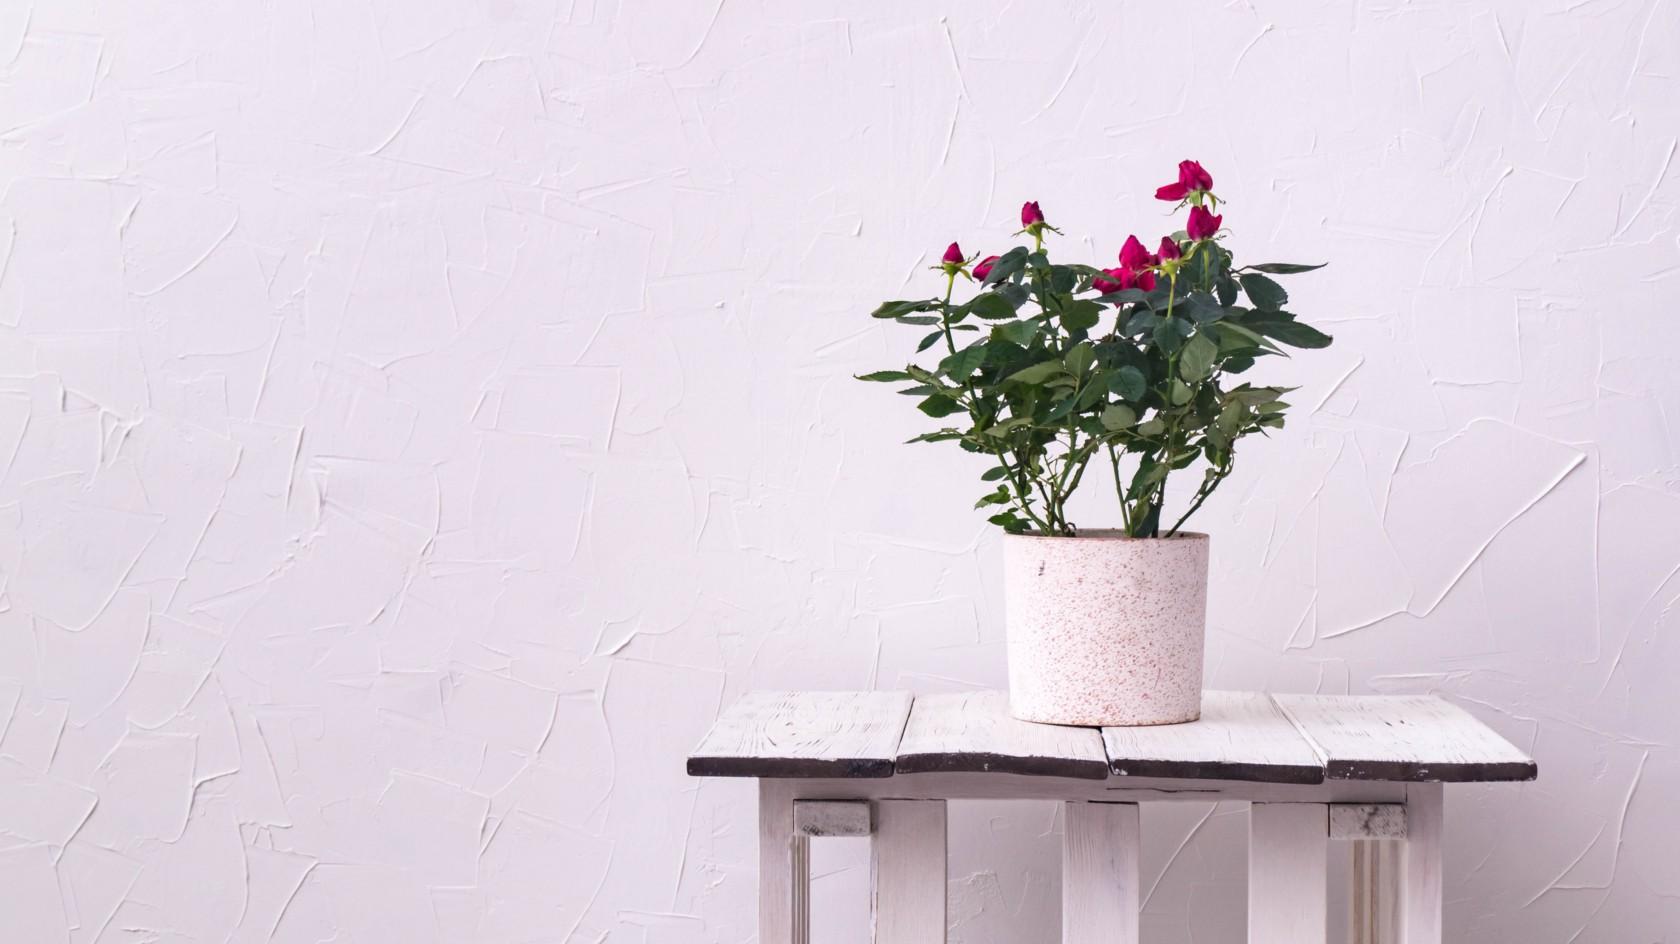 Blumen überwintern, Pflanze steht in einem Topf auf einem Holztisch